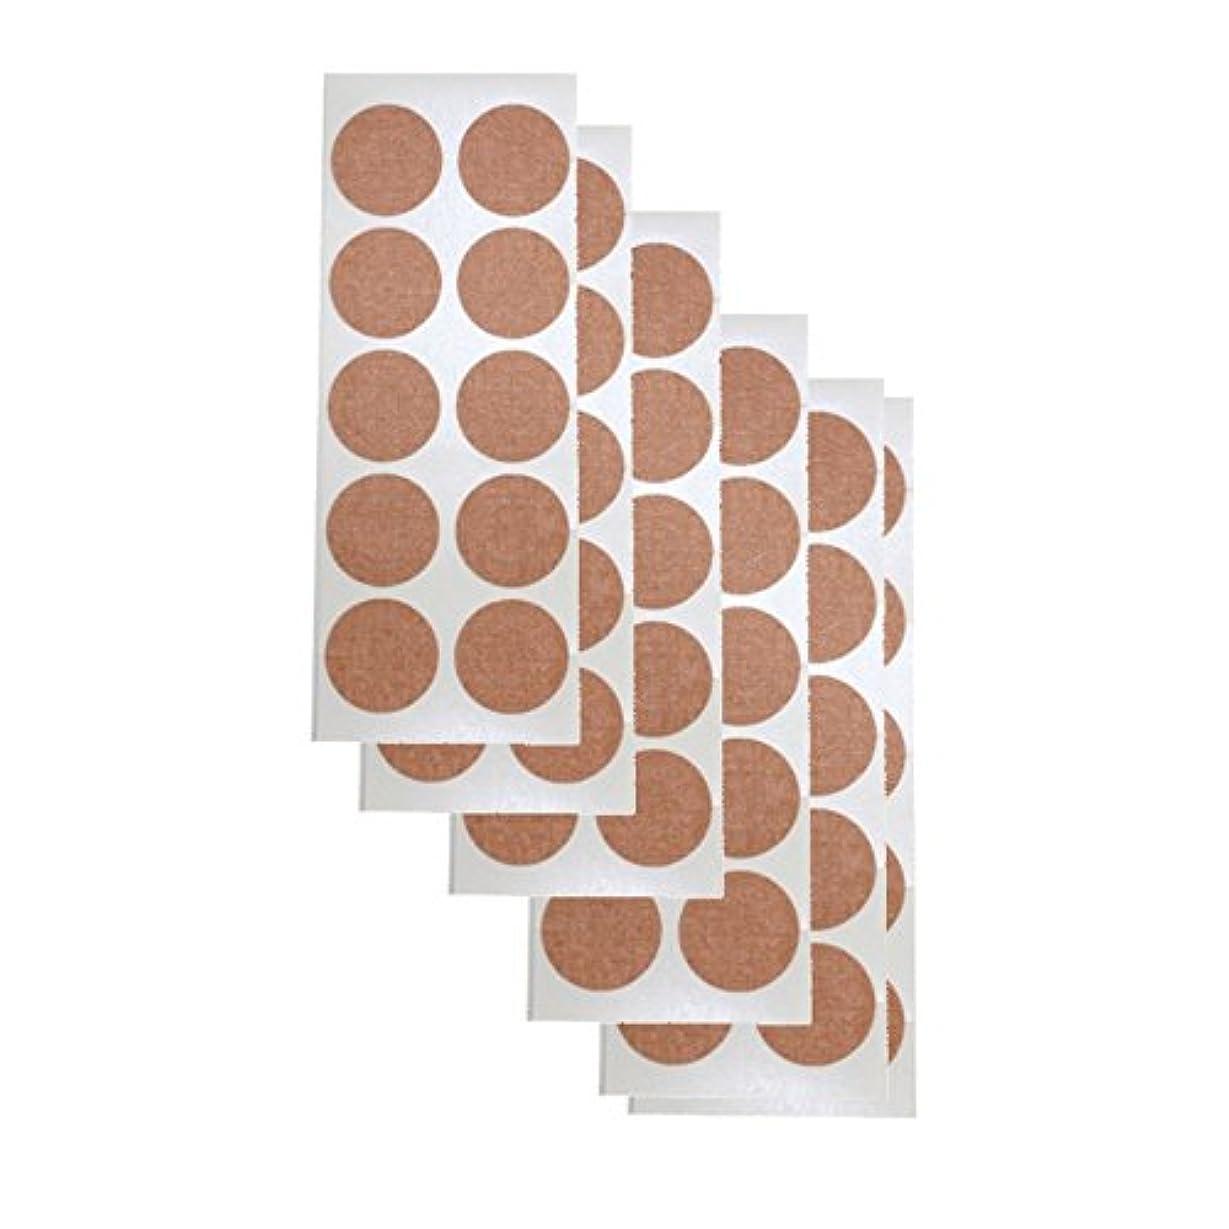 新しい意味逮捕部門TQチップ 貼り替え用専用シール 効果は半永久的!貼っただけで心身のバランスがとれるTQチップ専用